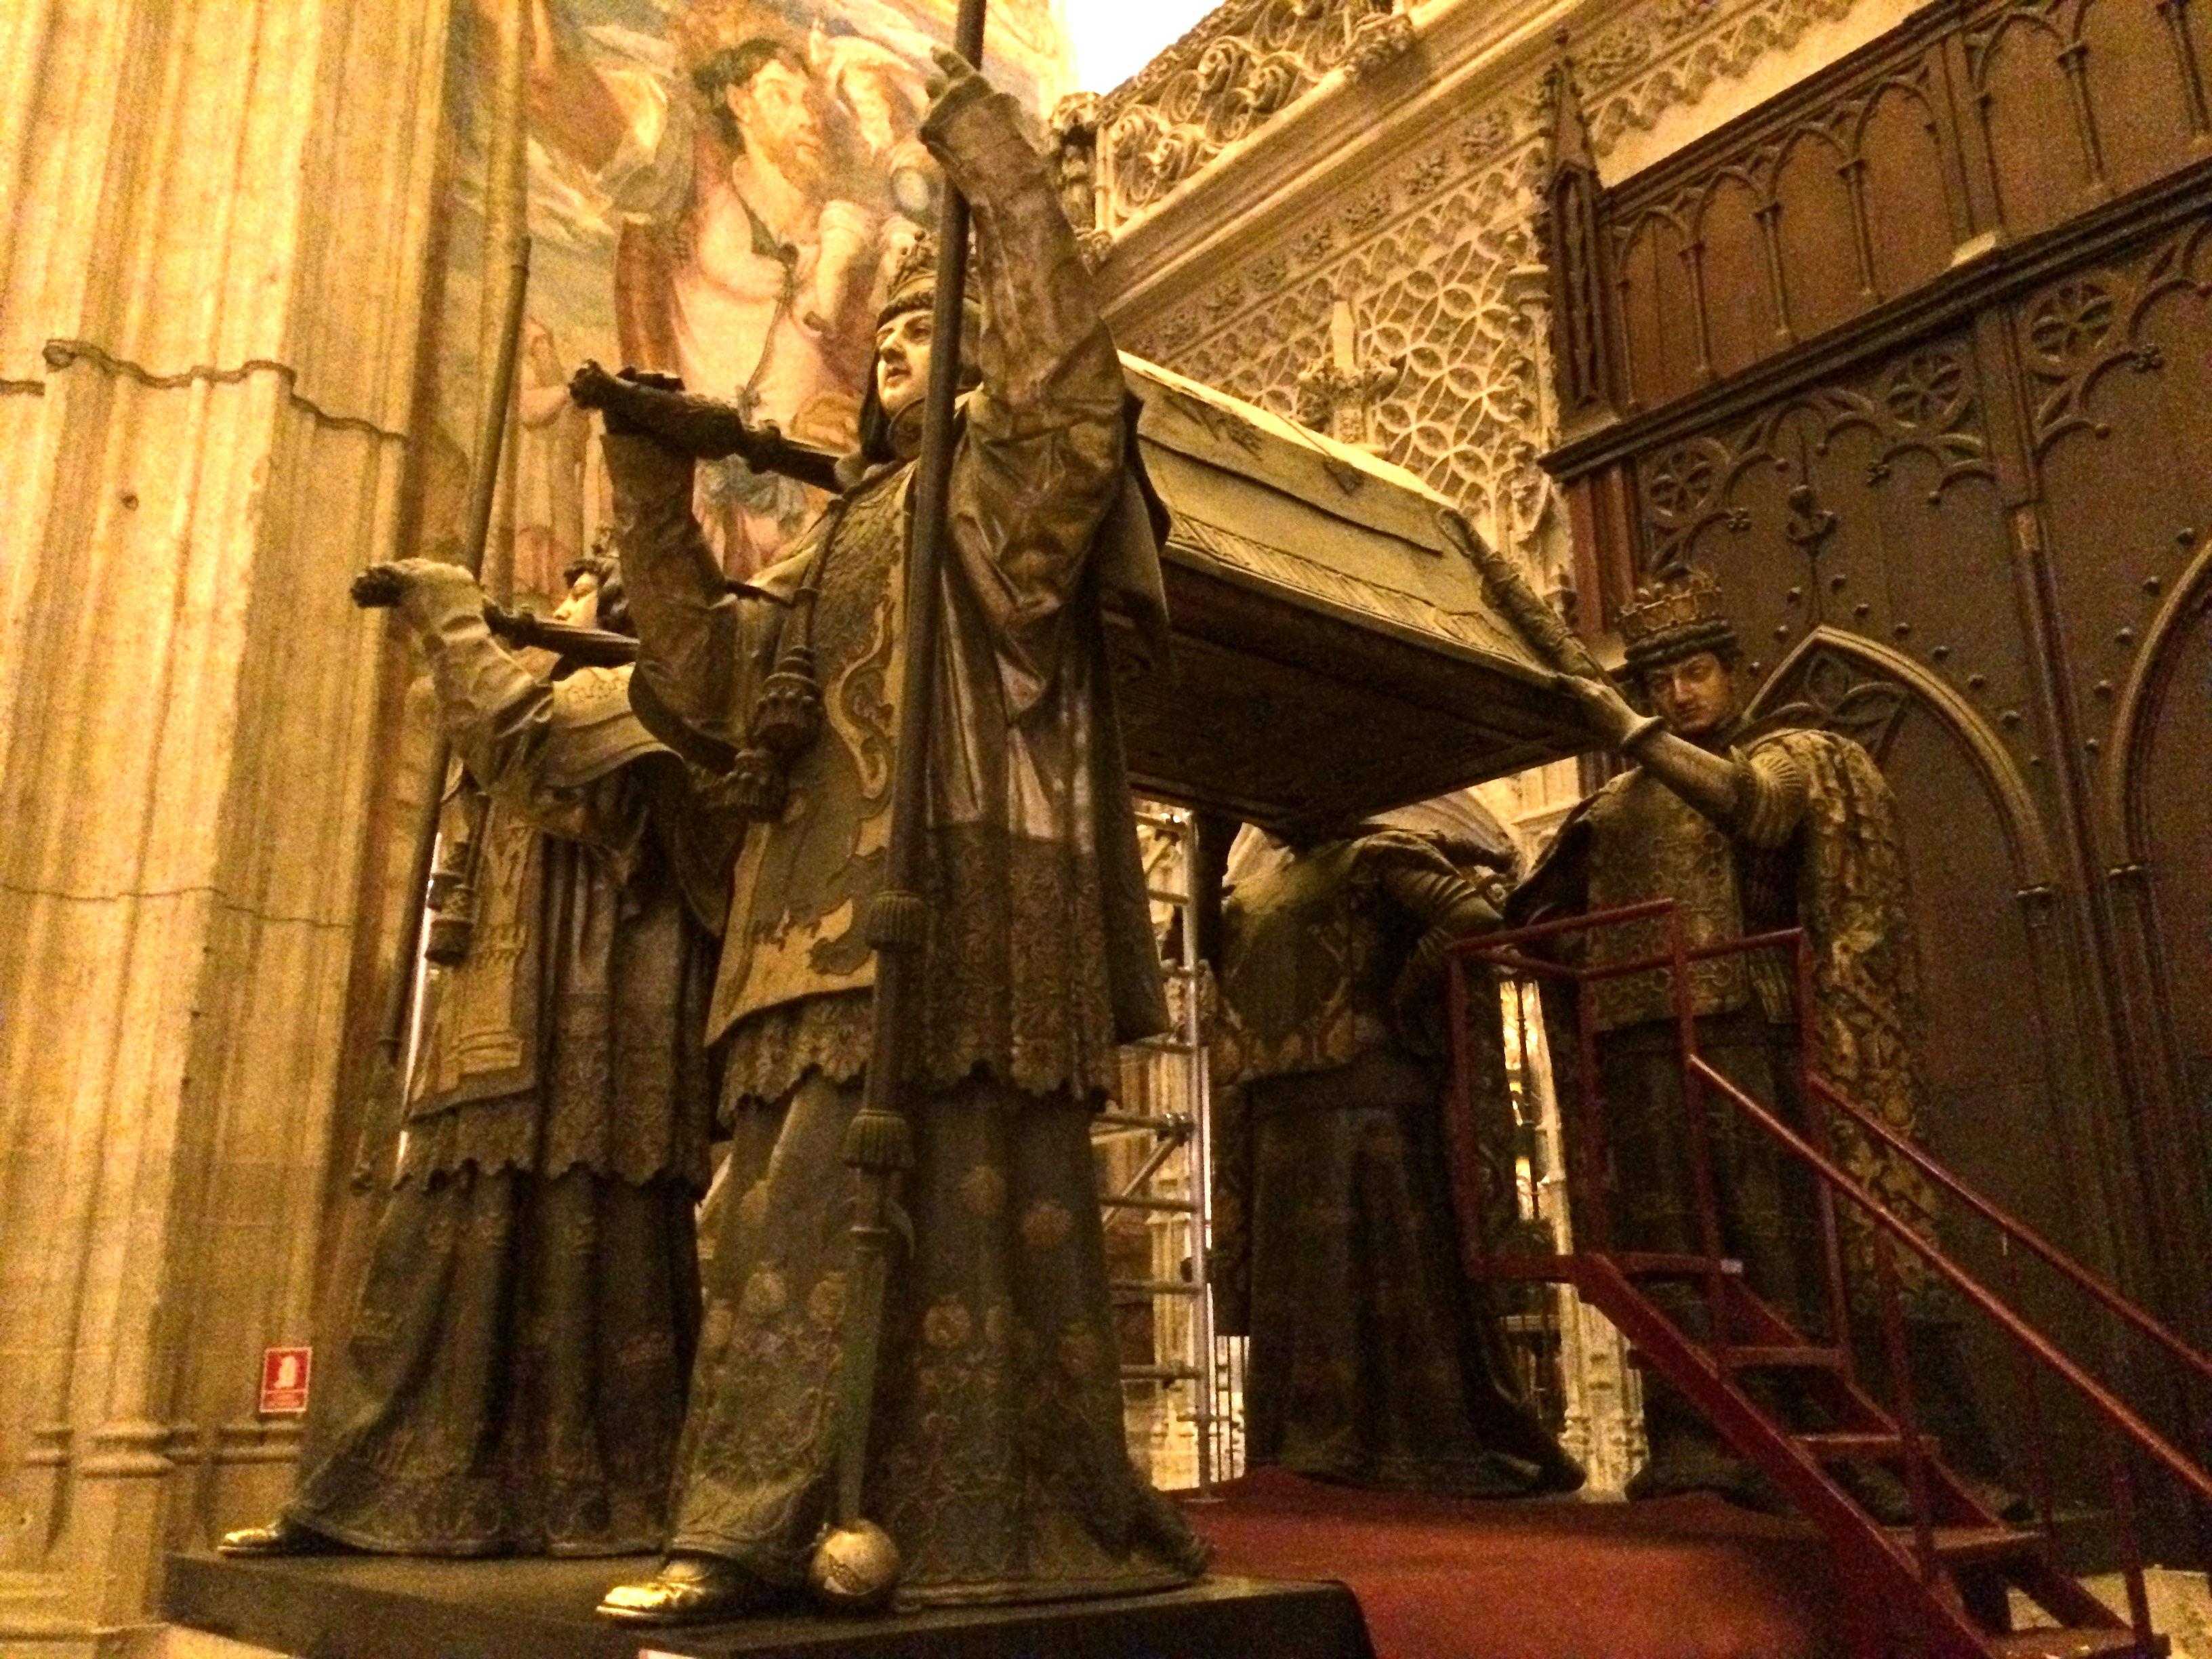 塞维利亚大教堂是欧洲排在梵蒂冈圣彼得教堂和英国圣保罗教堂后的第三大教堂,教堂是1400年将原有的7世纪建造的清真寺推倒后建立的,1598年完工,当时留下了清真寺的宣礼塔,改建成了现在的钟楼-吉拉尔达塔,因此这个教堂有一个最大的特点就是保留了三种建筑的特点:哥特式教堂主体,摩尔式宣礼塔部分和顶部巴洛克式的钟楼顶部部分。教堂正门是一个金属铸成的信仰女神风向标,另一个同样大小的风向标在旁边的吉拉尔达塔上,进门参观,这是典型的哥特式教堂,拱顶,彩色玻璃,墙上悬着高大的管风琴,这里有一个2千公斤黄金铸成的祭台,祭台